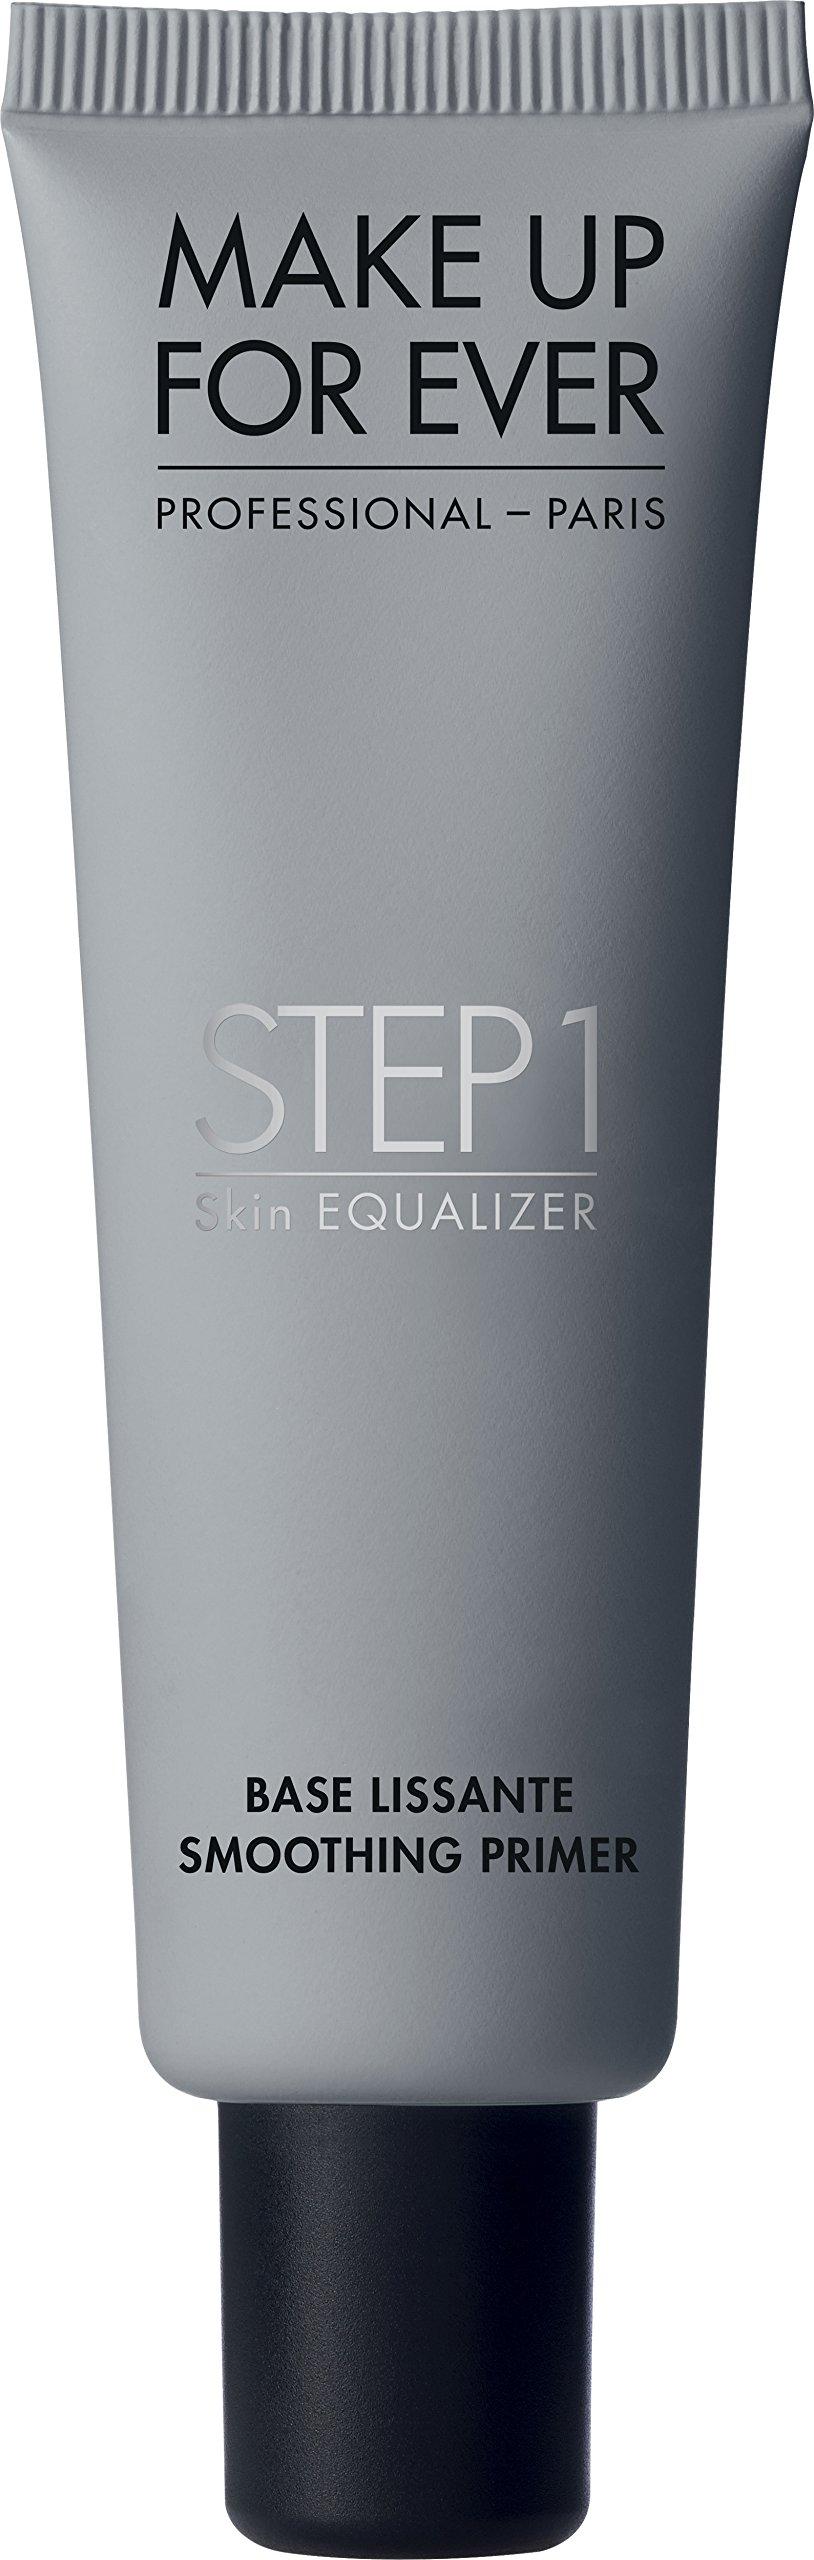 Make Up For Ever Step 1 Skin Equalizer - #2 Smoothing Primer 30ml/1oz by Make Up For Ever (Image #1)